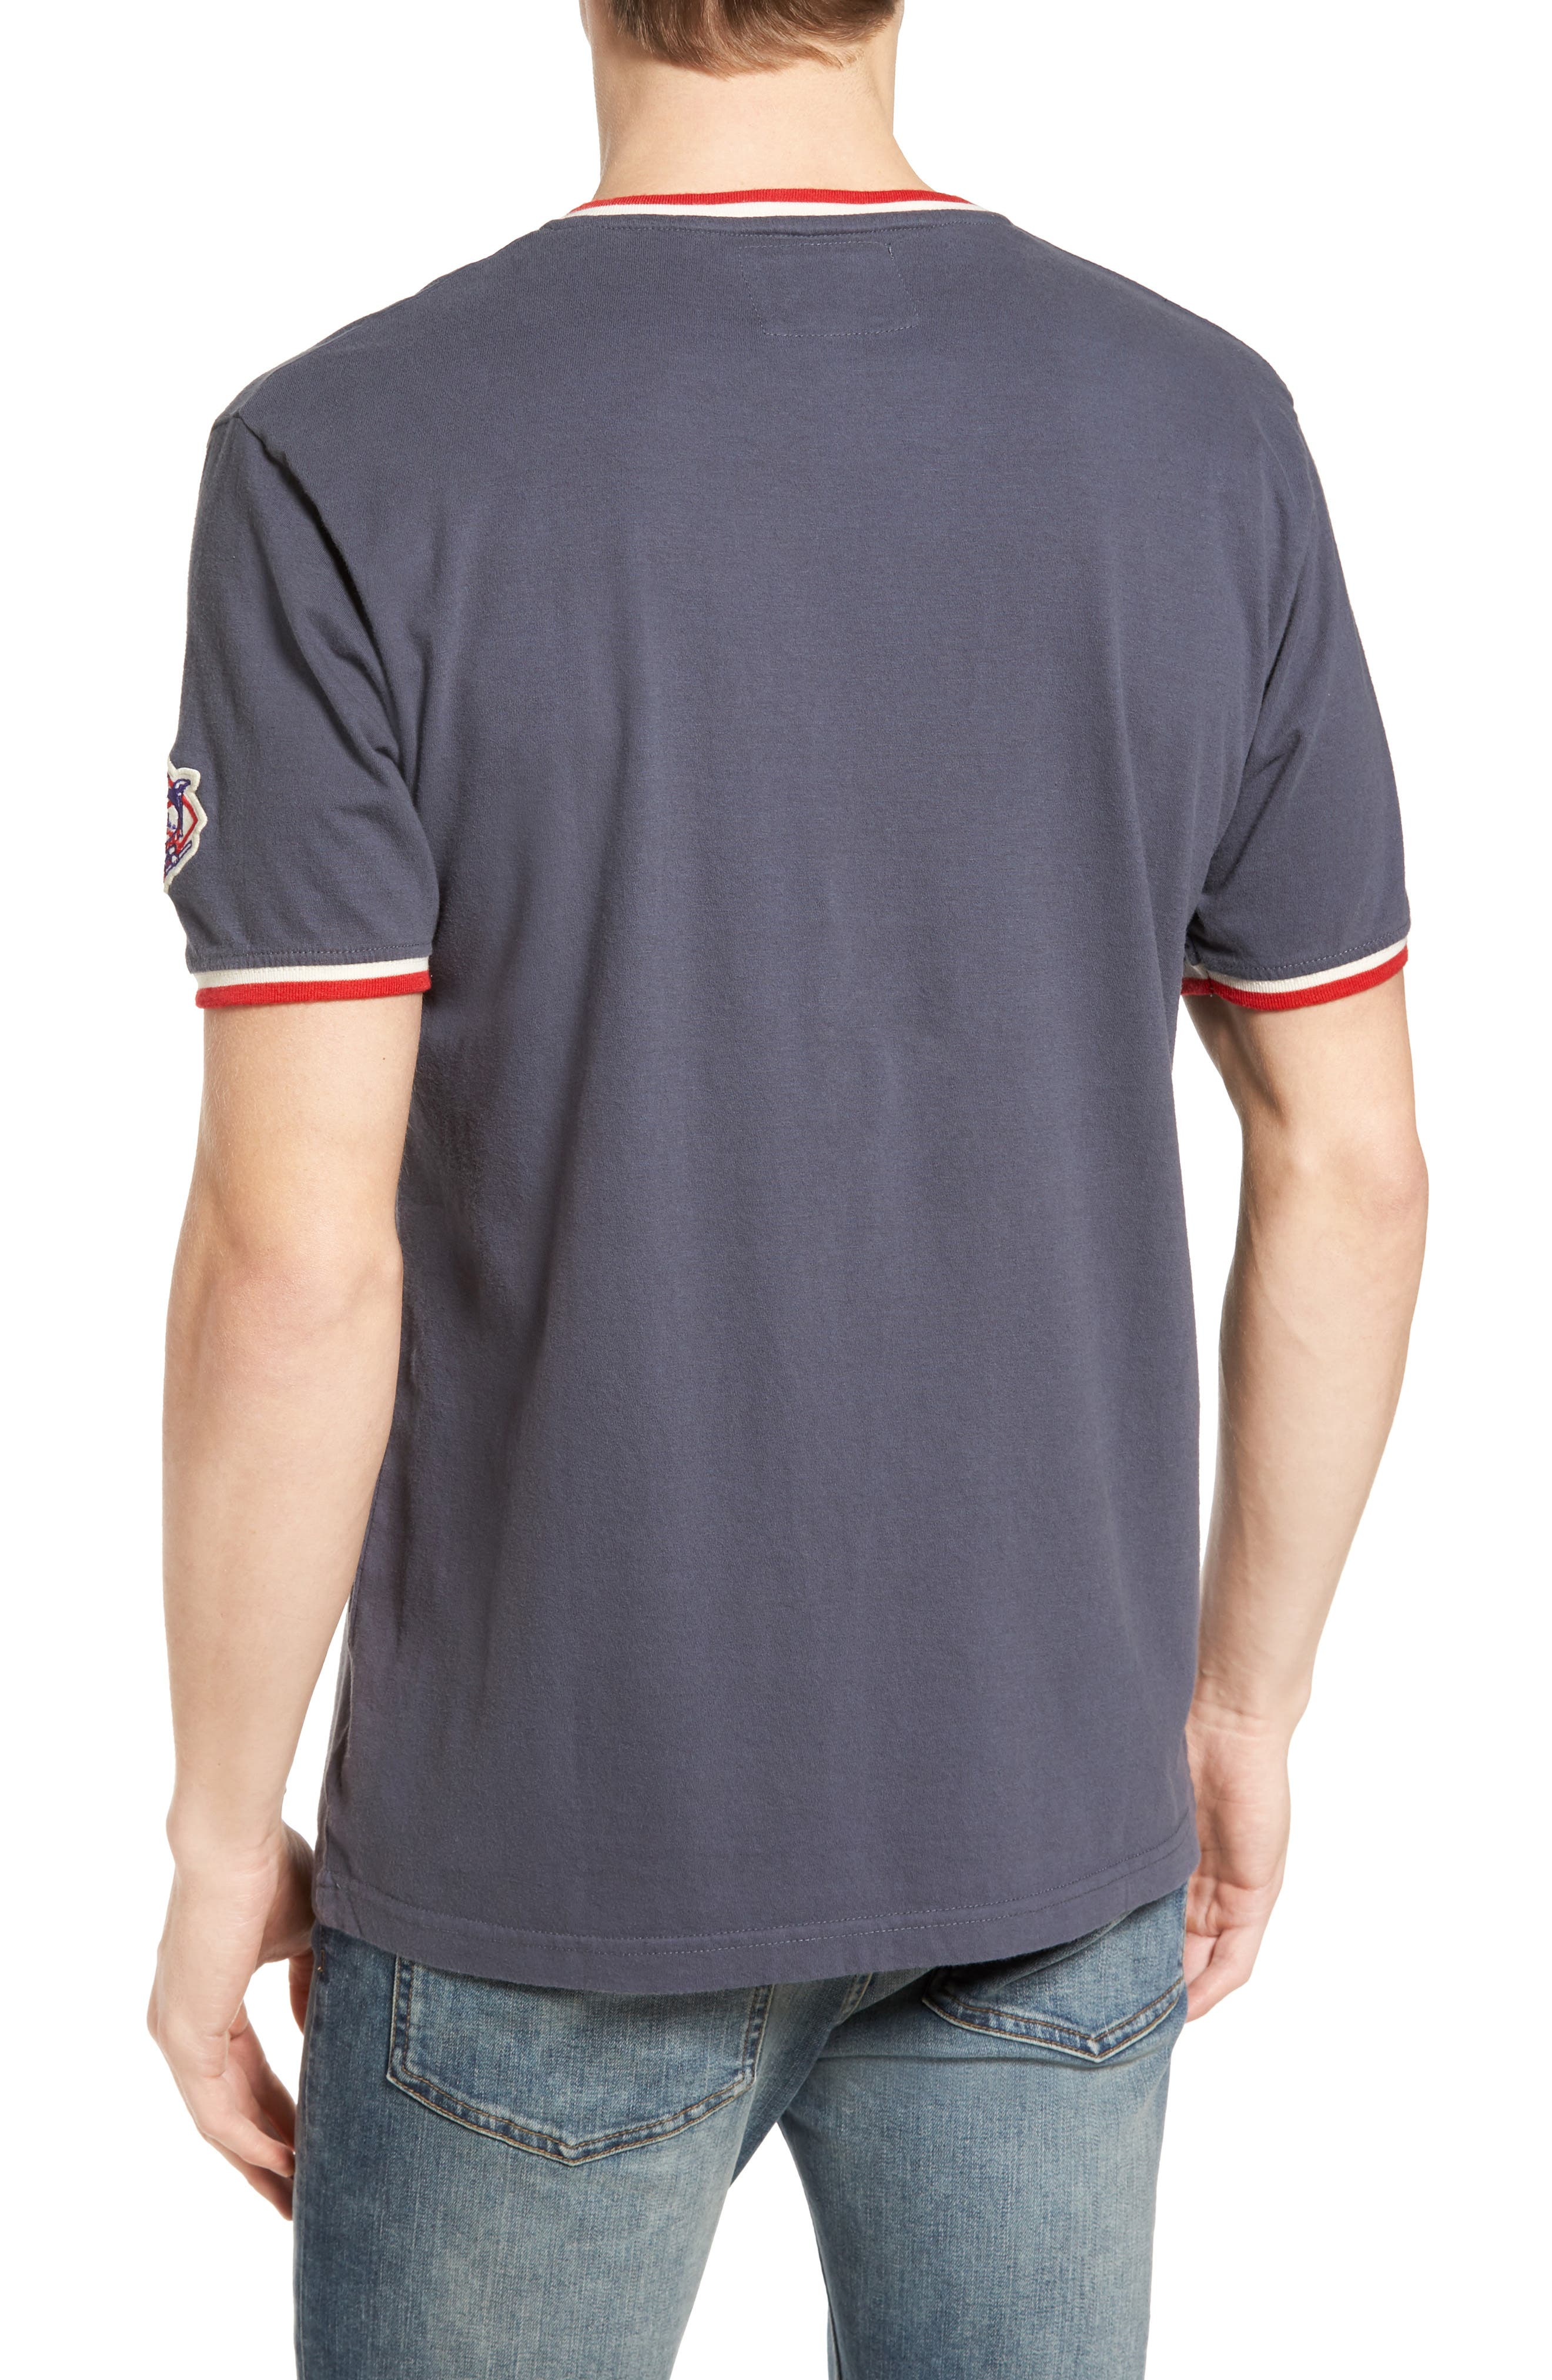 Alternate Image 2  - American Needle Eastwood Washington Nationals T-Shirt